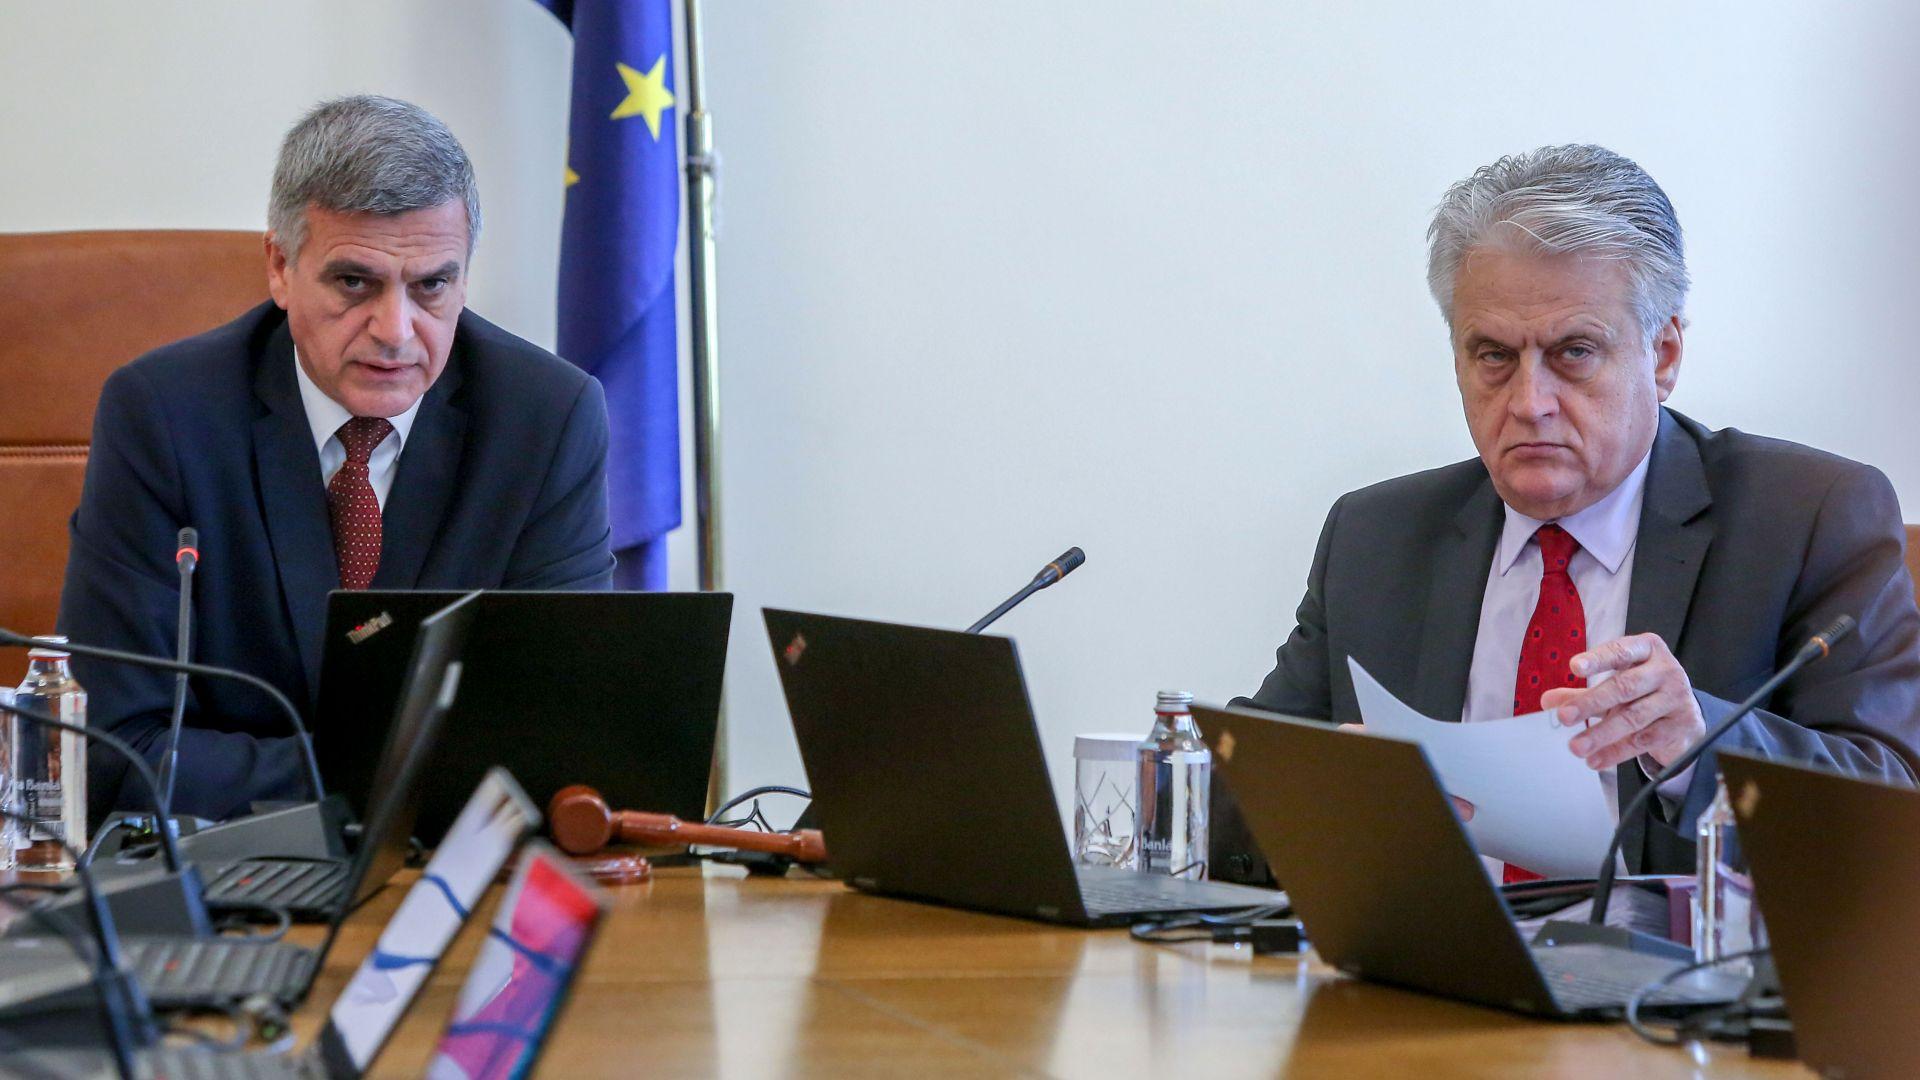 Бойко Рашков пак ще отговаря за подготовката и провеждането на изборите